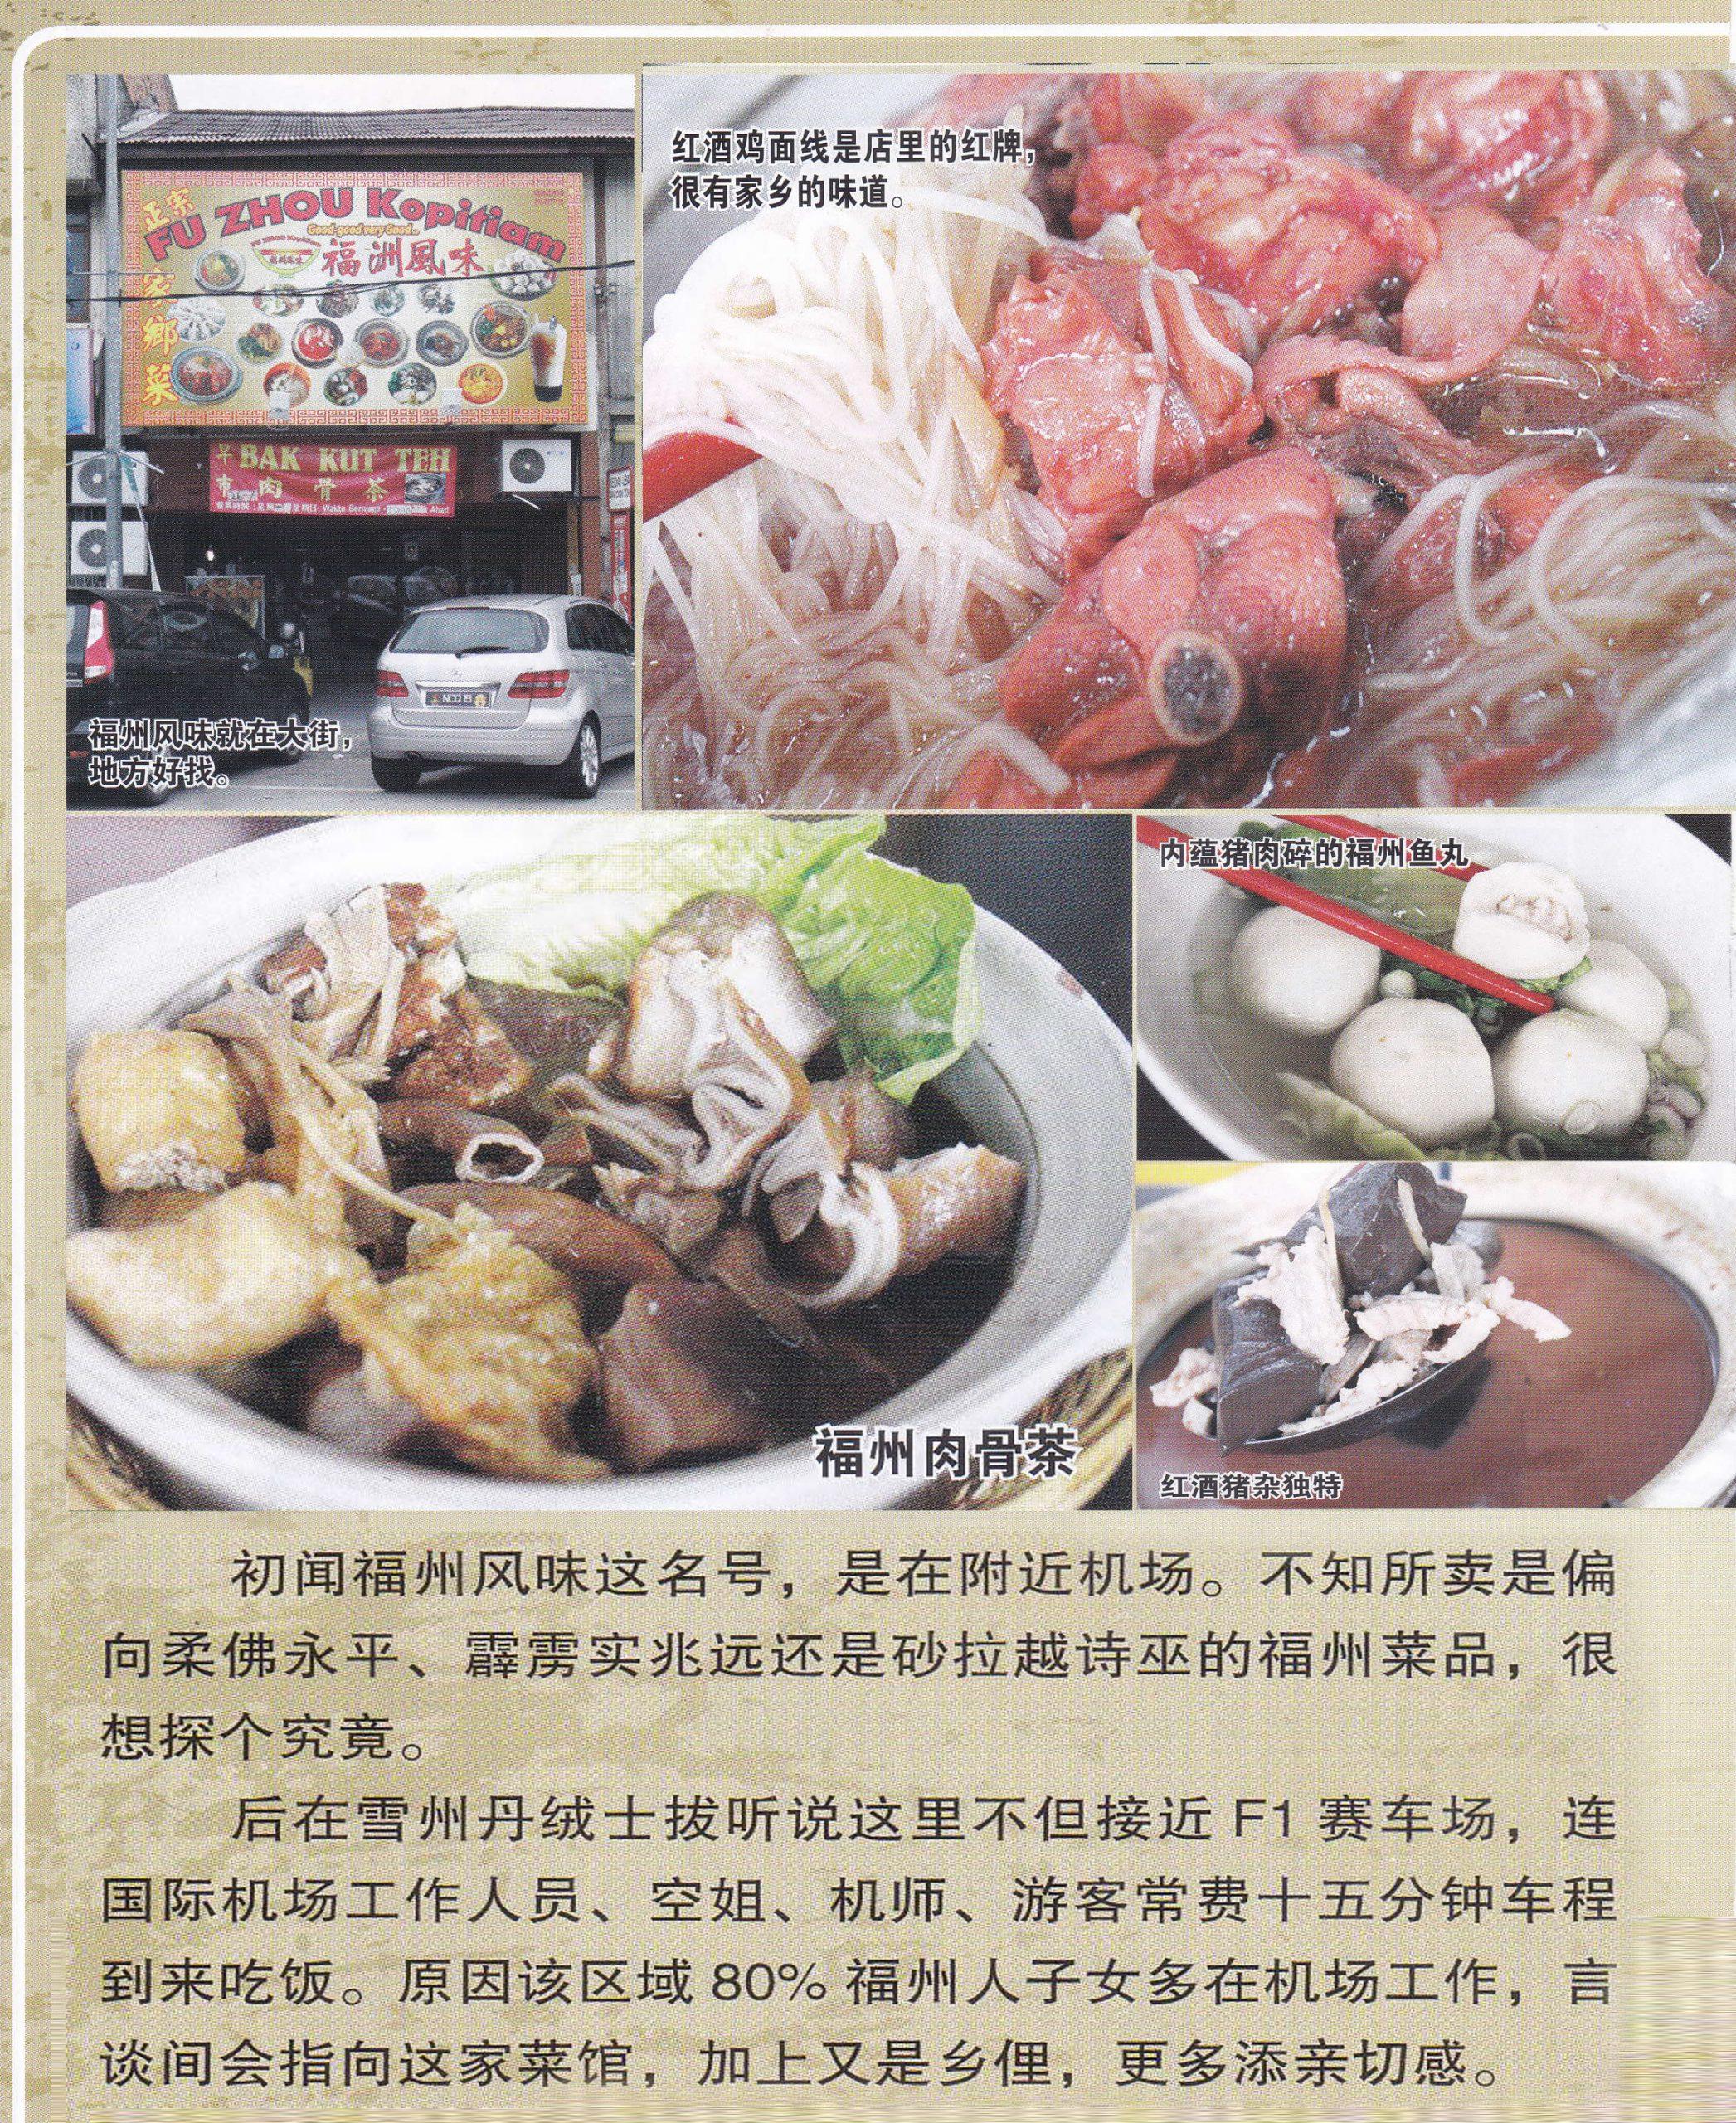 大马食神-吉隆坡福州风味